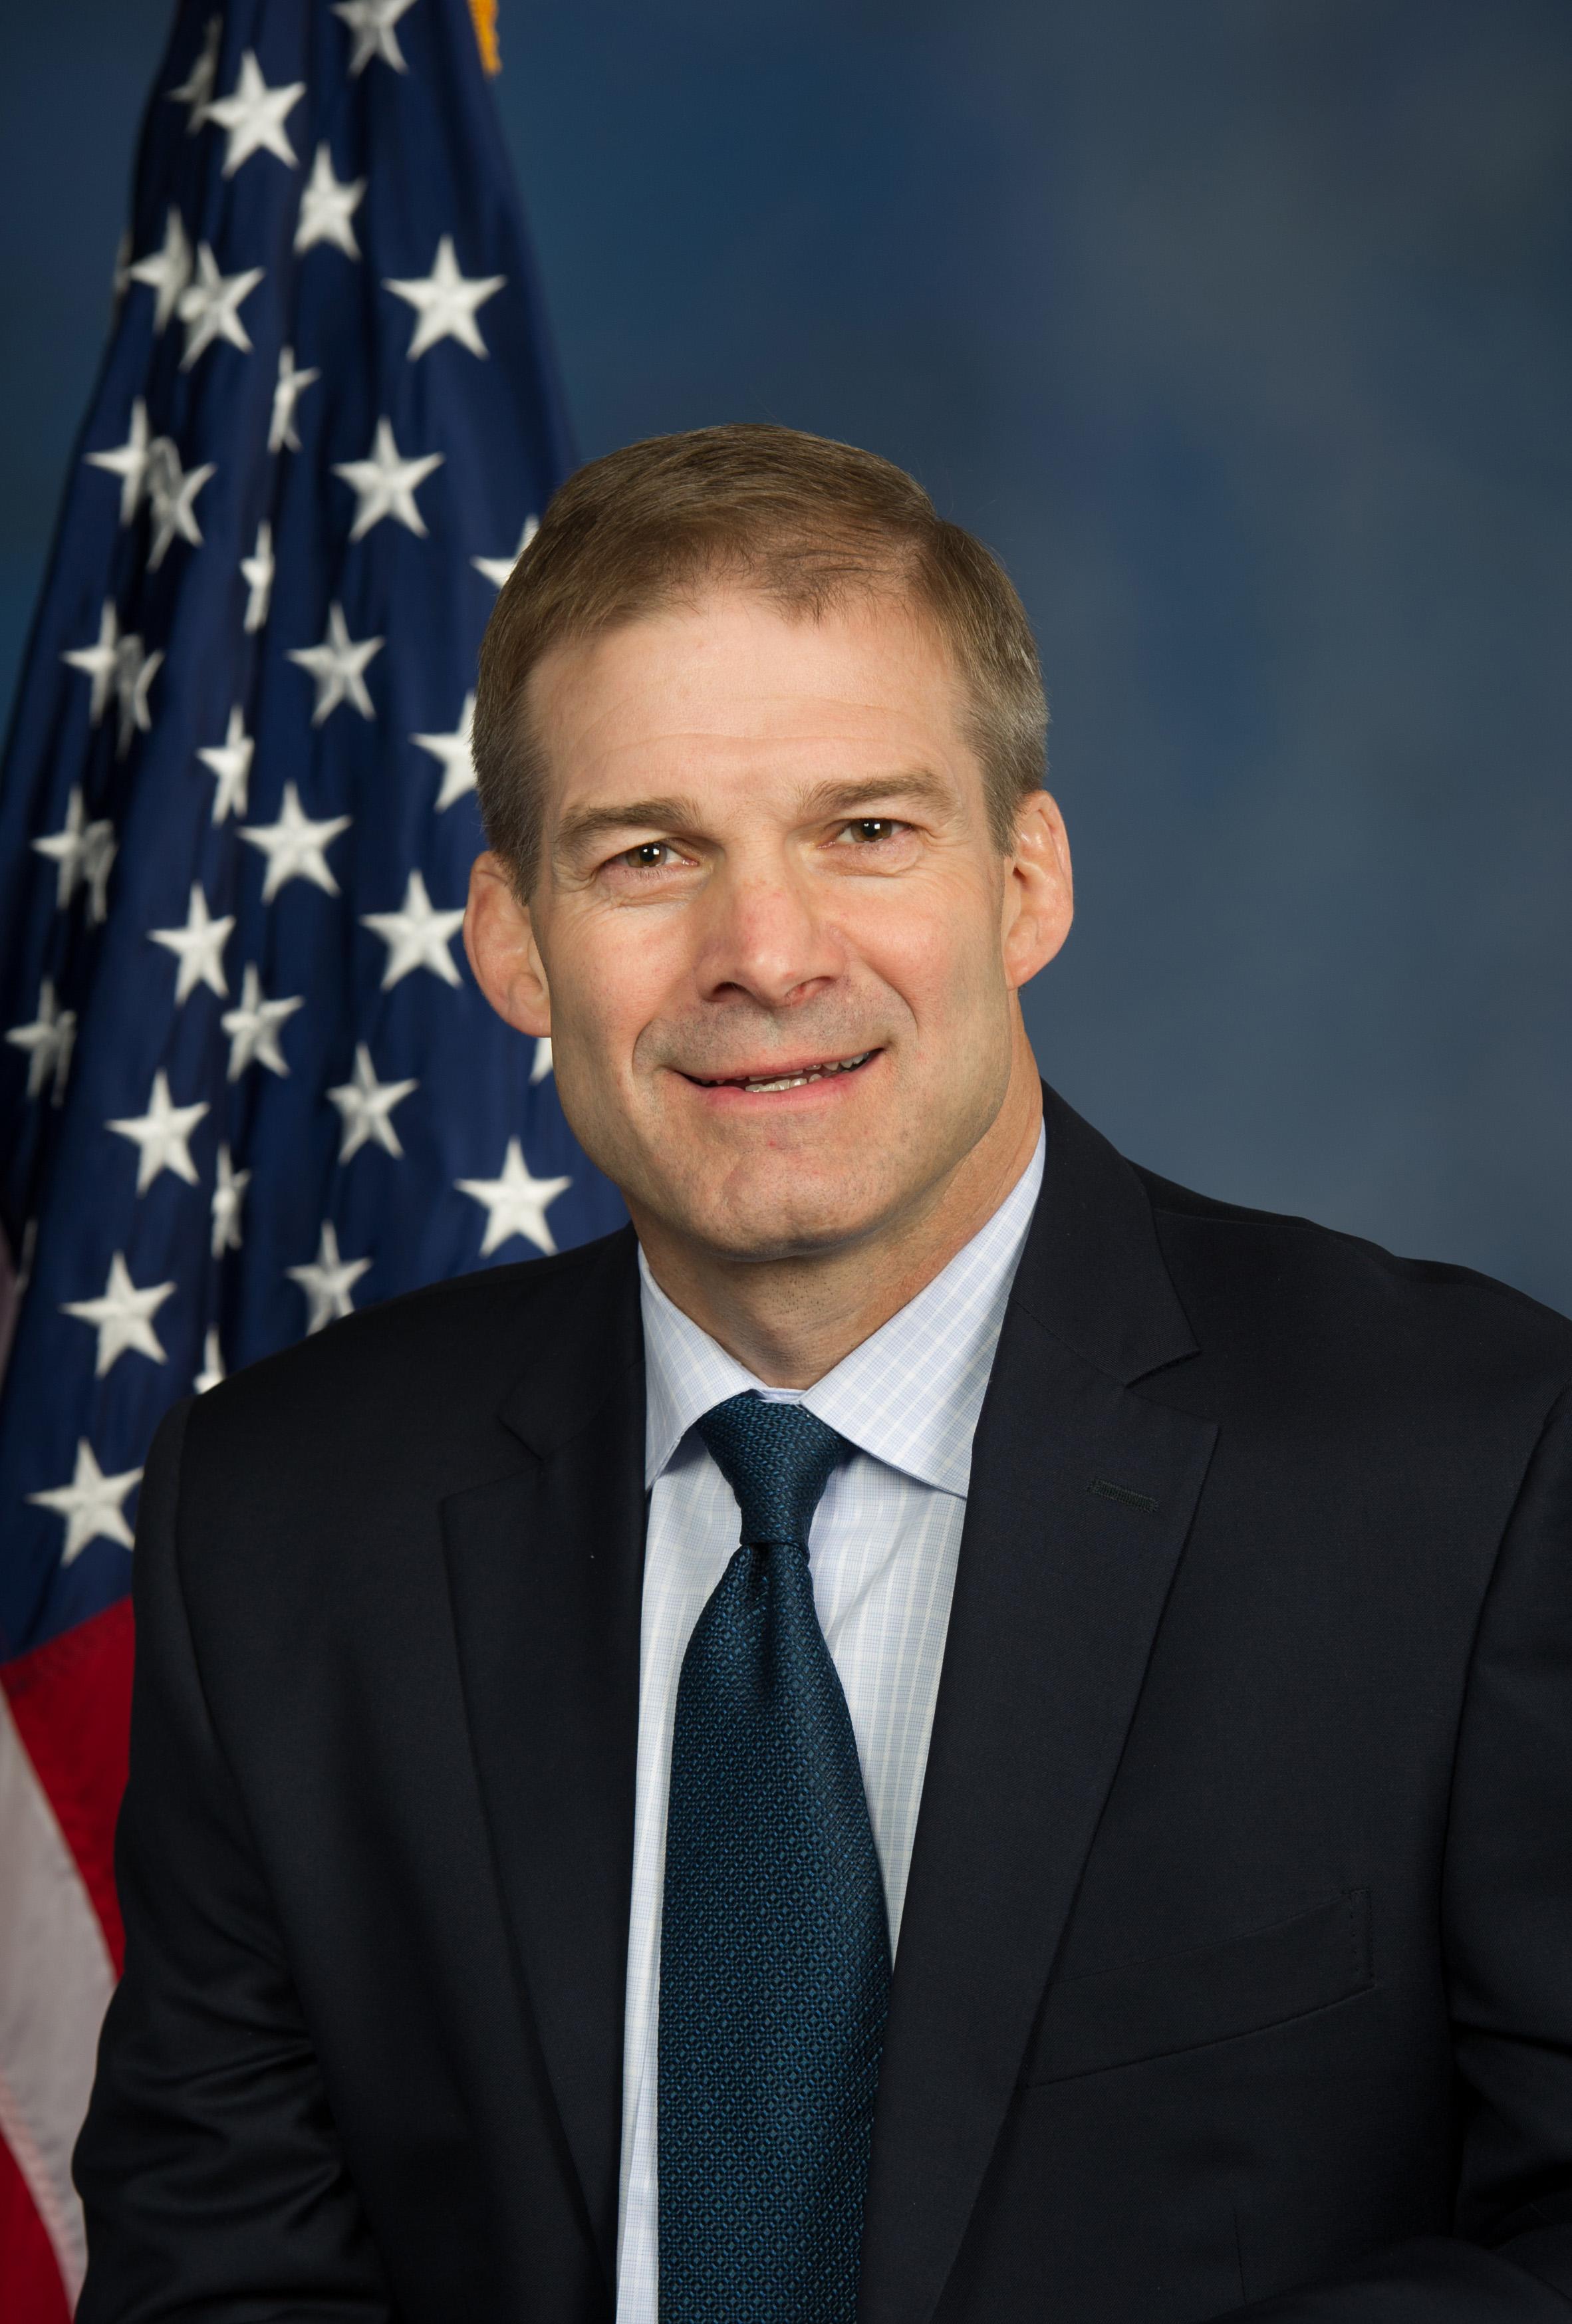 Rep. Jim Jordan (official Headshot)